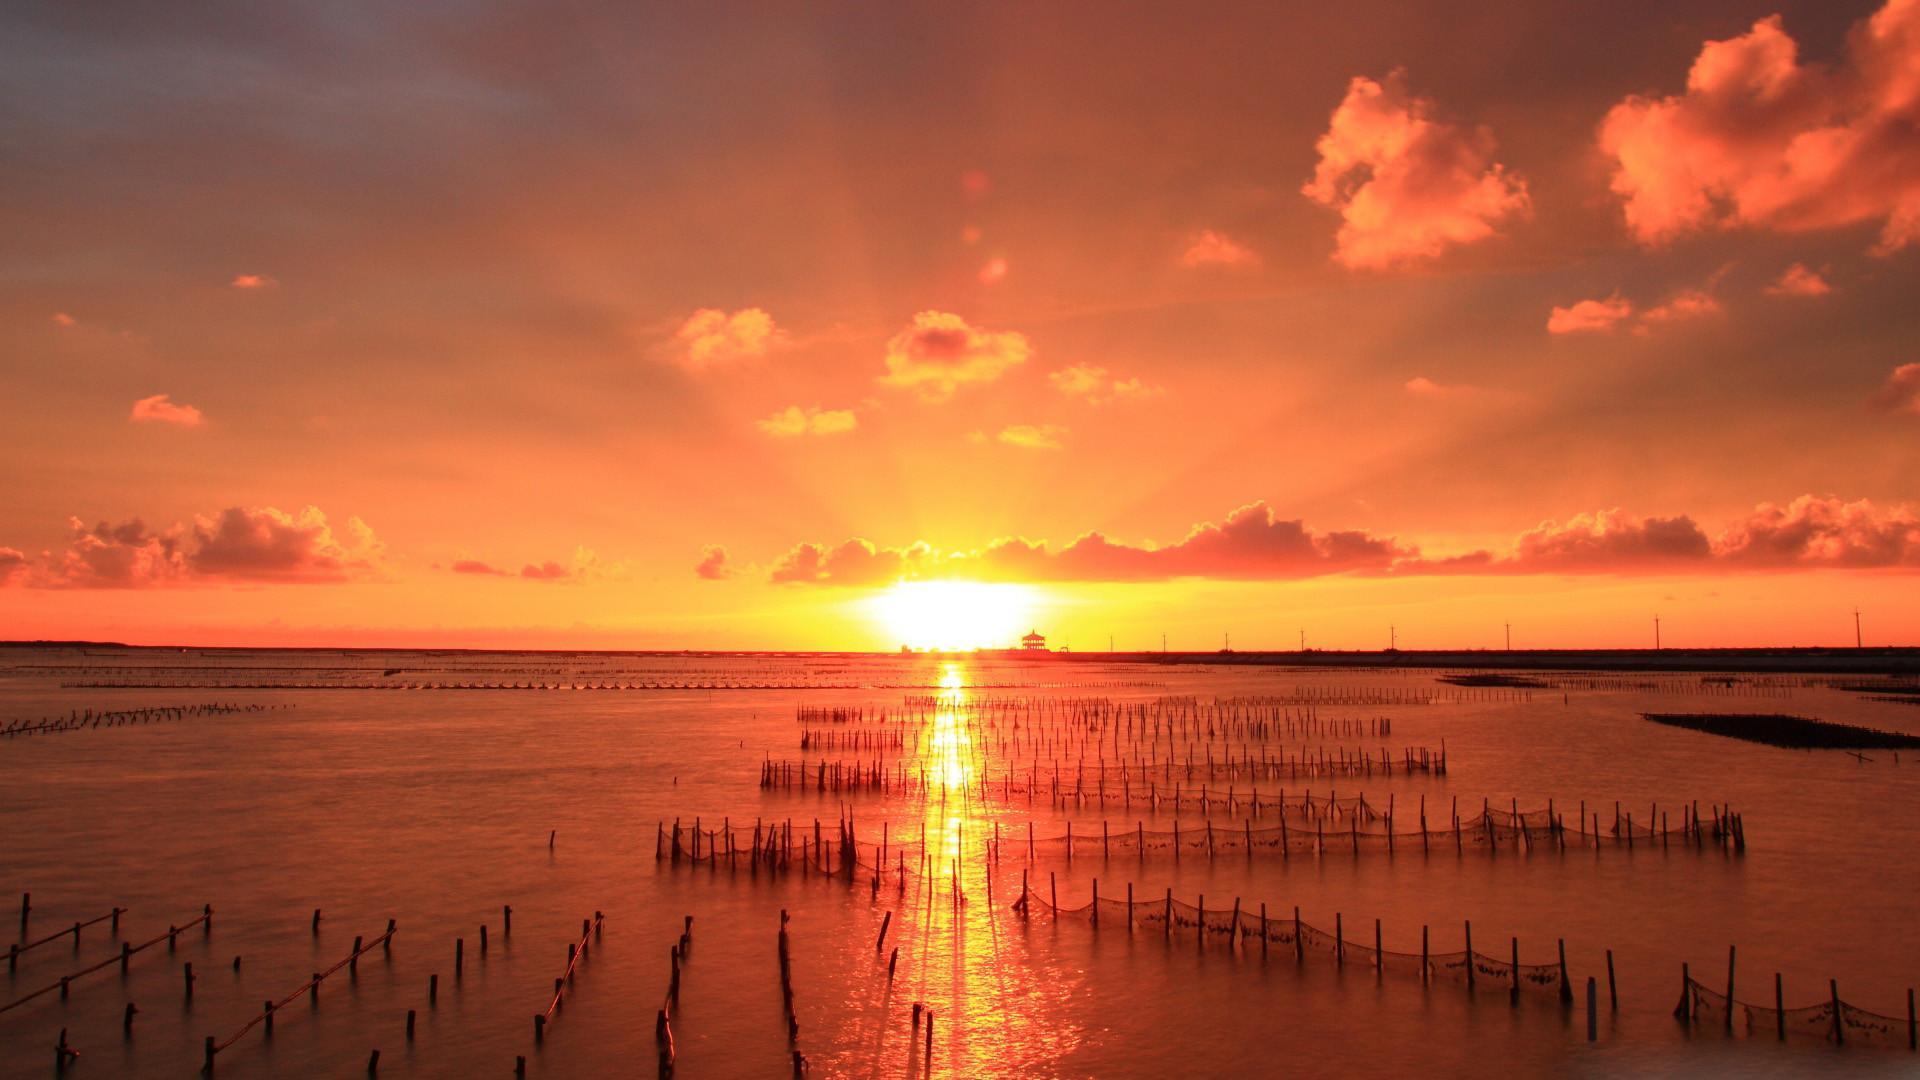 夕阳黄昏美景唯美高清桌面壁纸